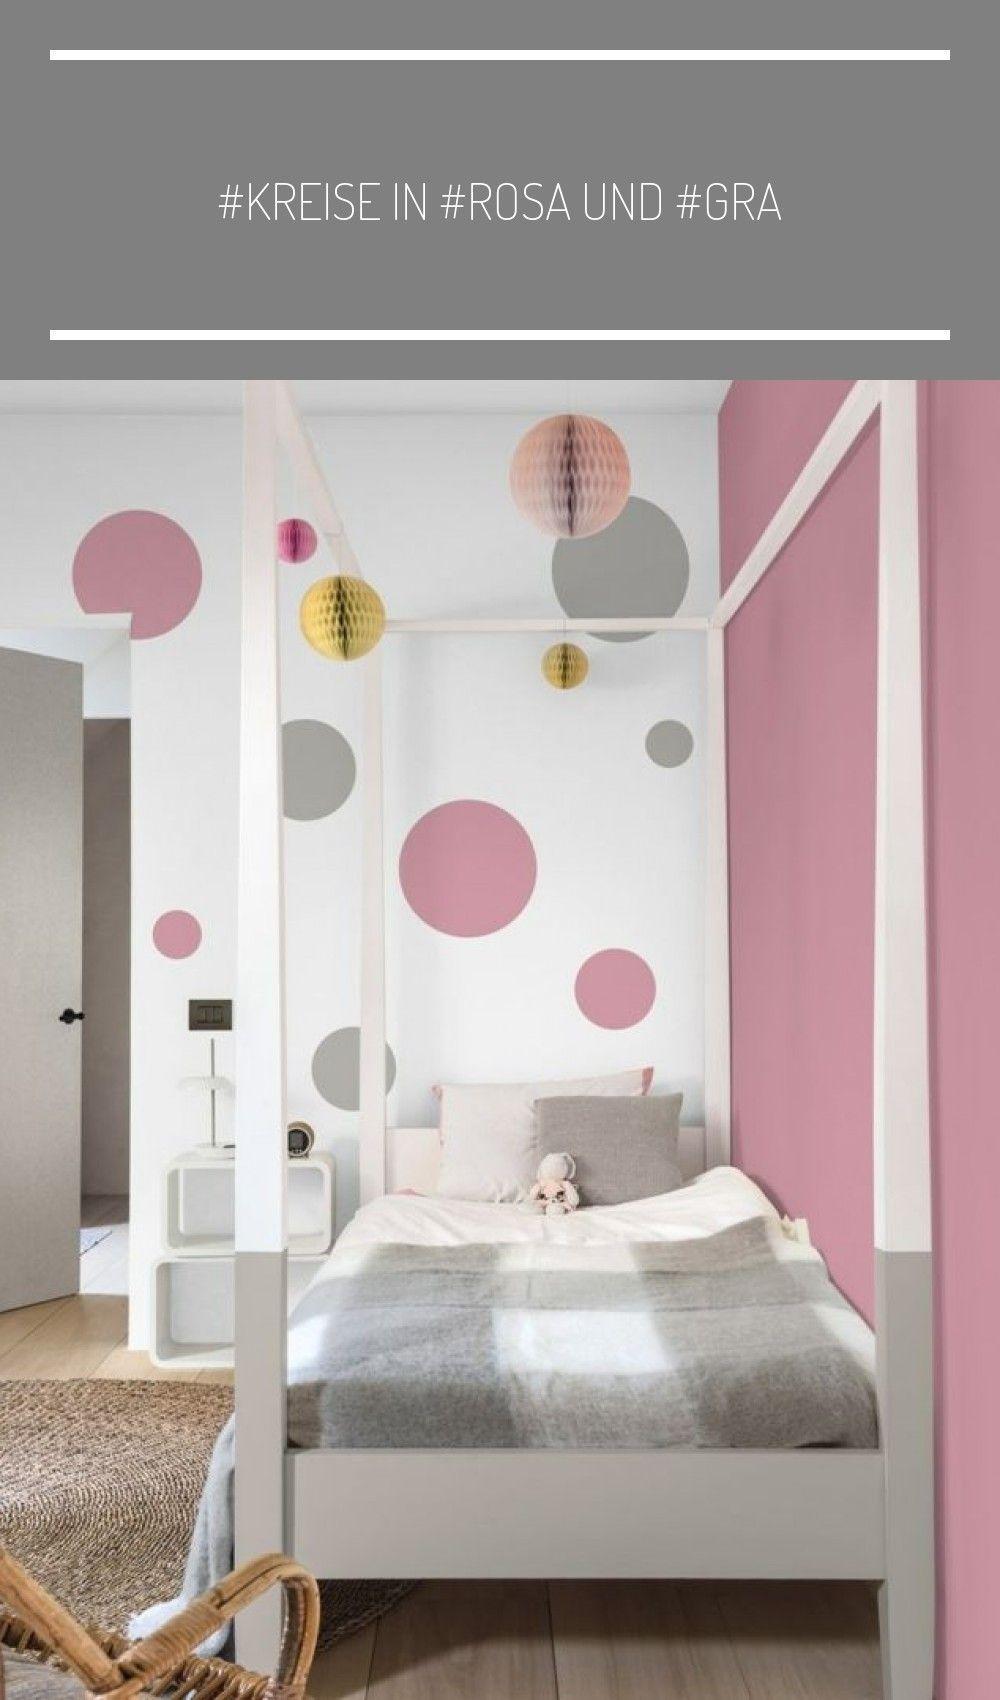 Kreise In Rosa Und Grau In Einem Madchenzimmer Babyzimmer Wandgestaltung In 2020 Kinder Zimmer Madchenzimmer Zimmer